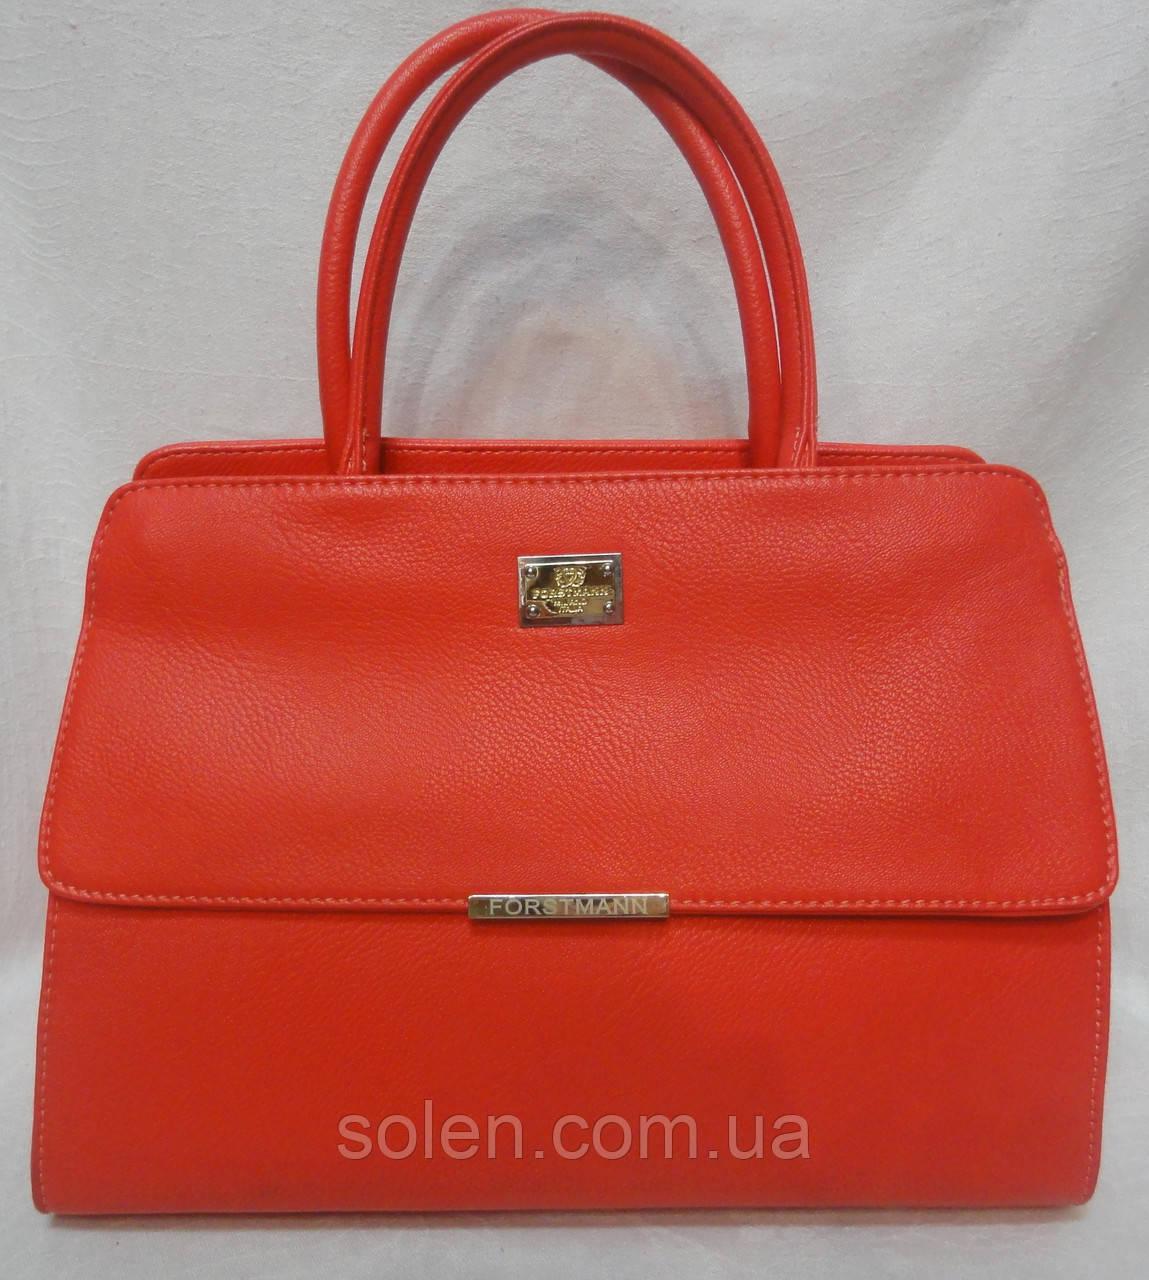 Стильна жіноча сумка Forstmann.